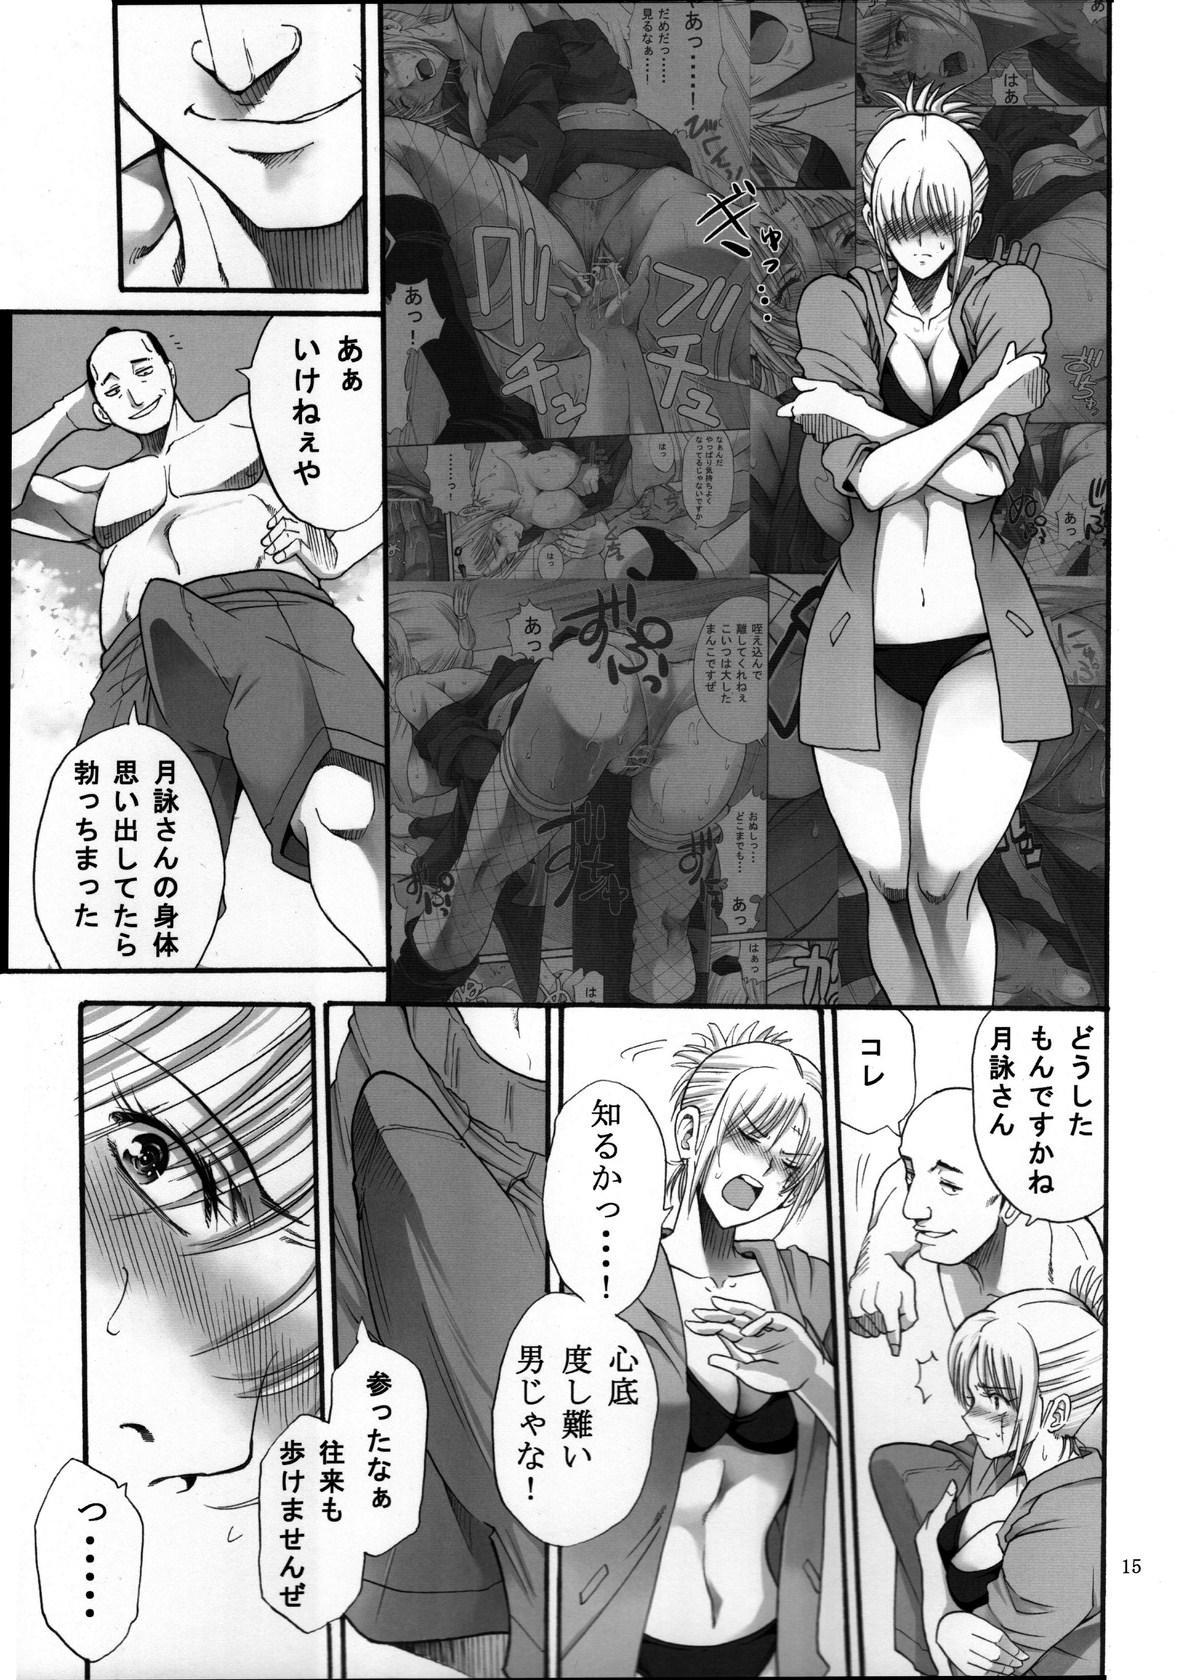 Tsukuyo-san ga Iyarashii Koto o Sarete Shimau Hanashi 3 14